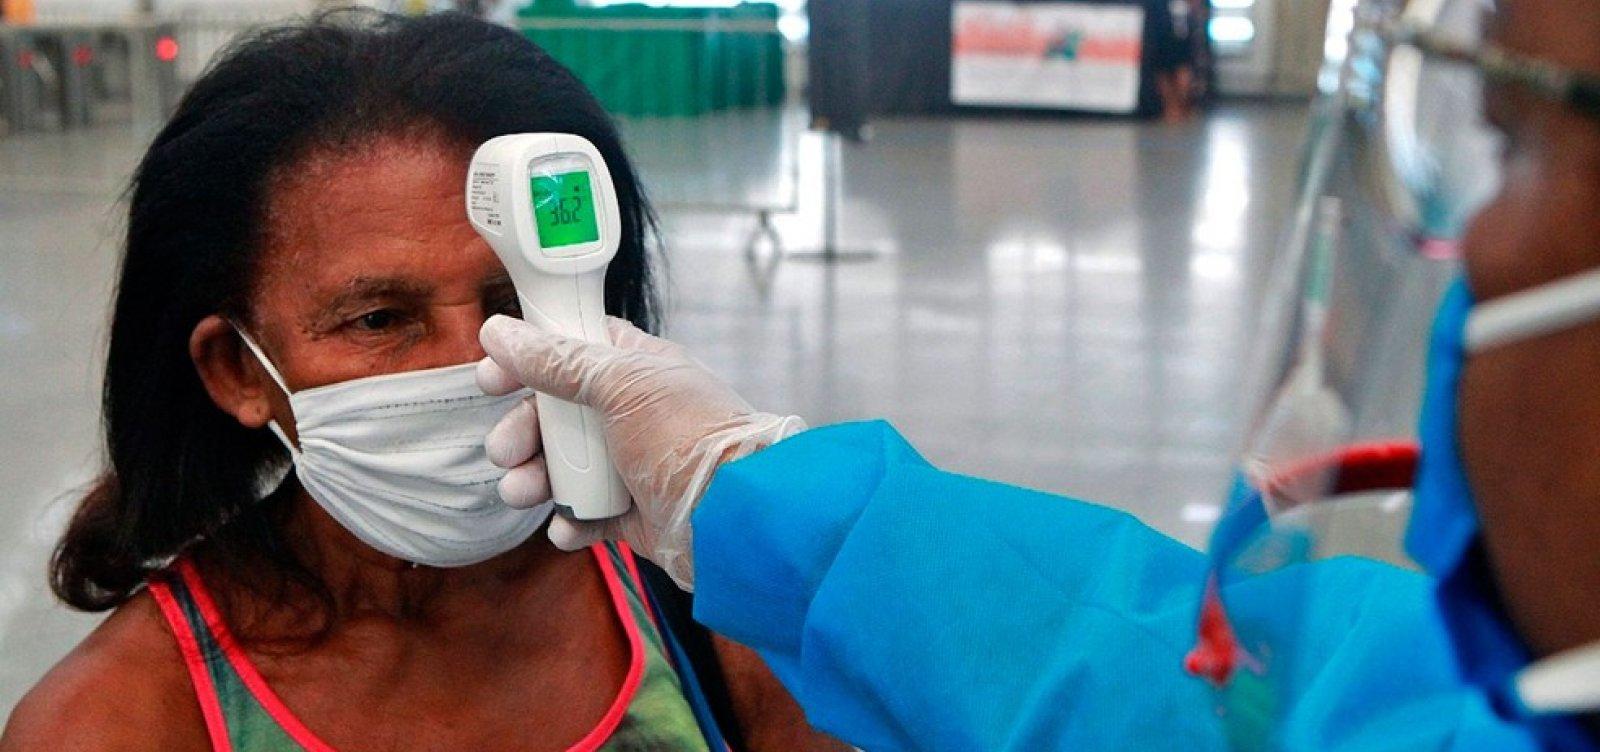 Prefeitura vai suspender exigências de aferição de temperatura e distanciamento em Salvador